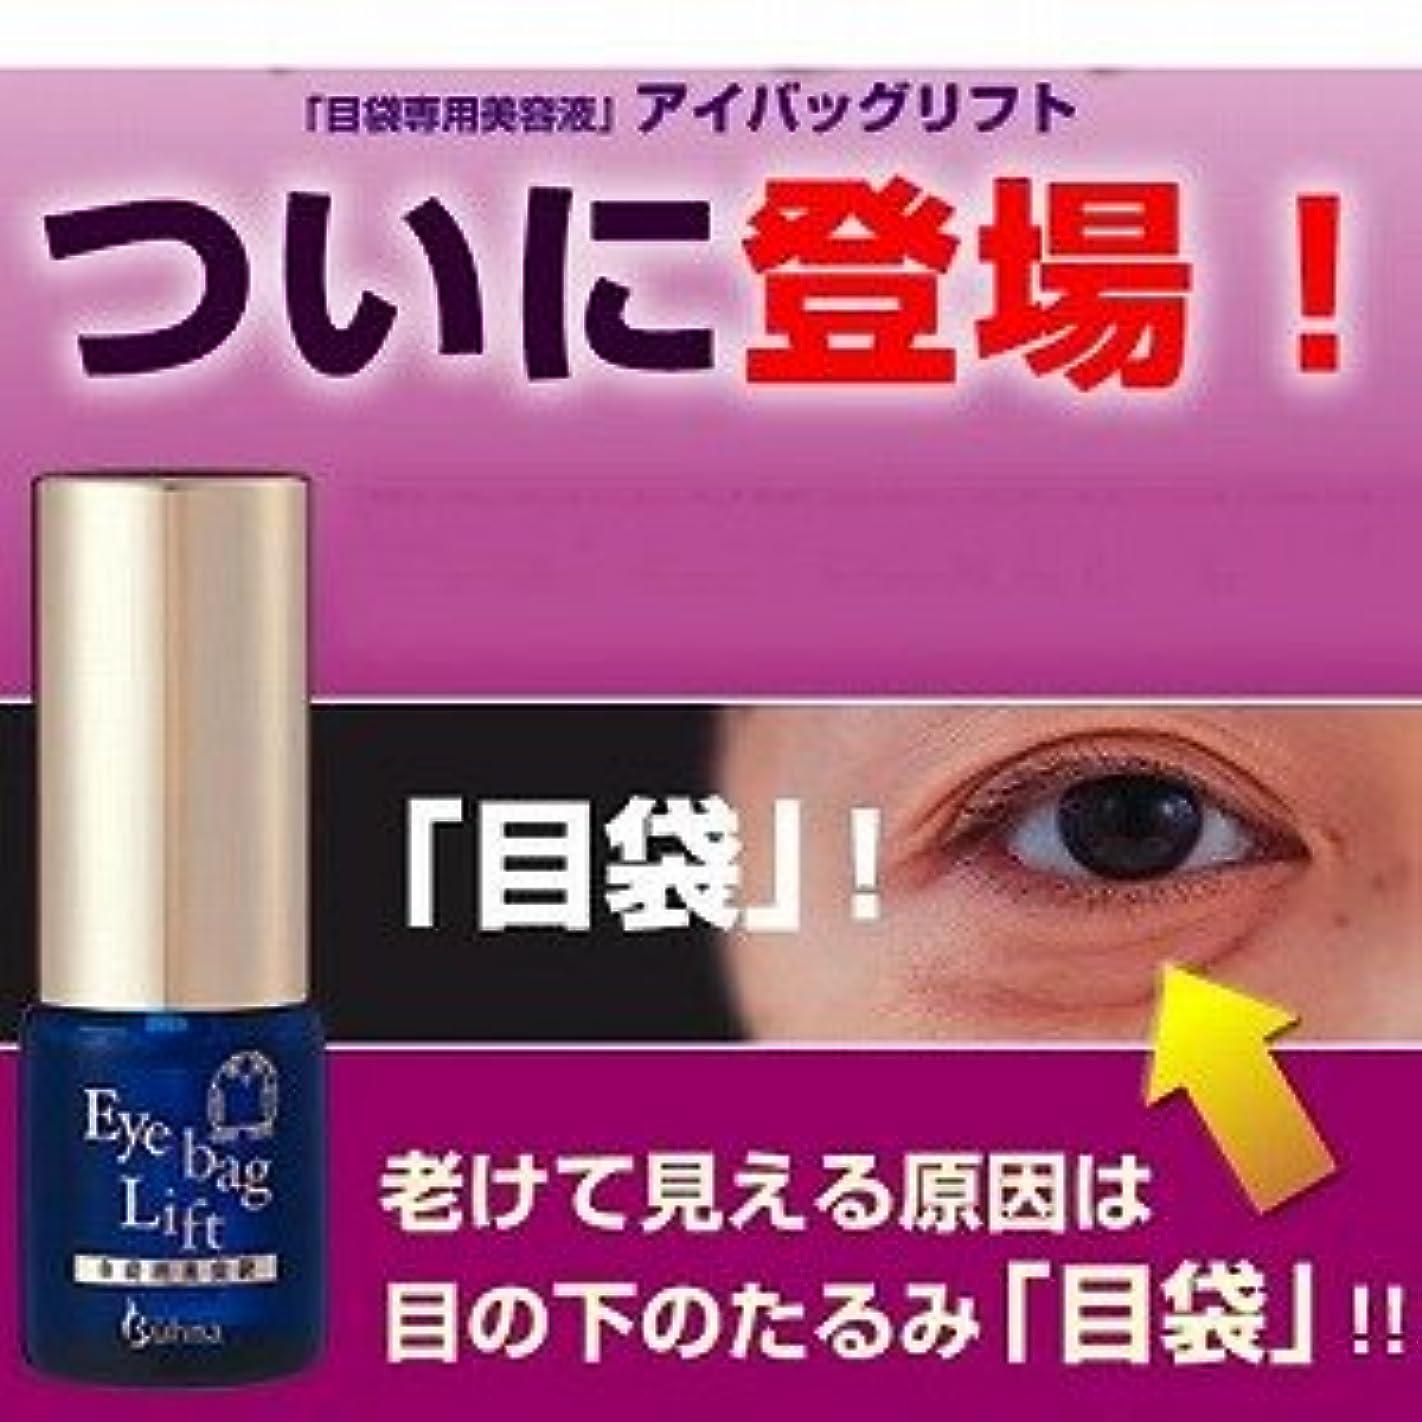 返済球状ダニ老けて見える原因は、目元、目の下のたるみ「目袋」『目袋専用美容液 アイバッグリフト』